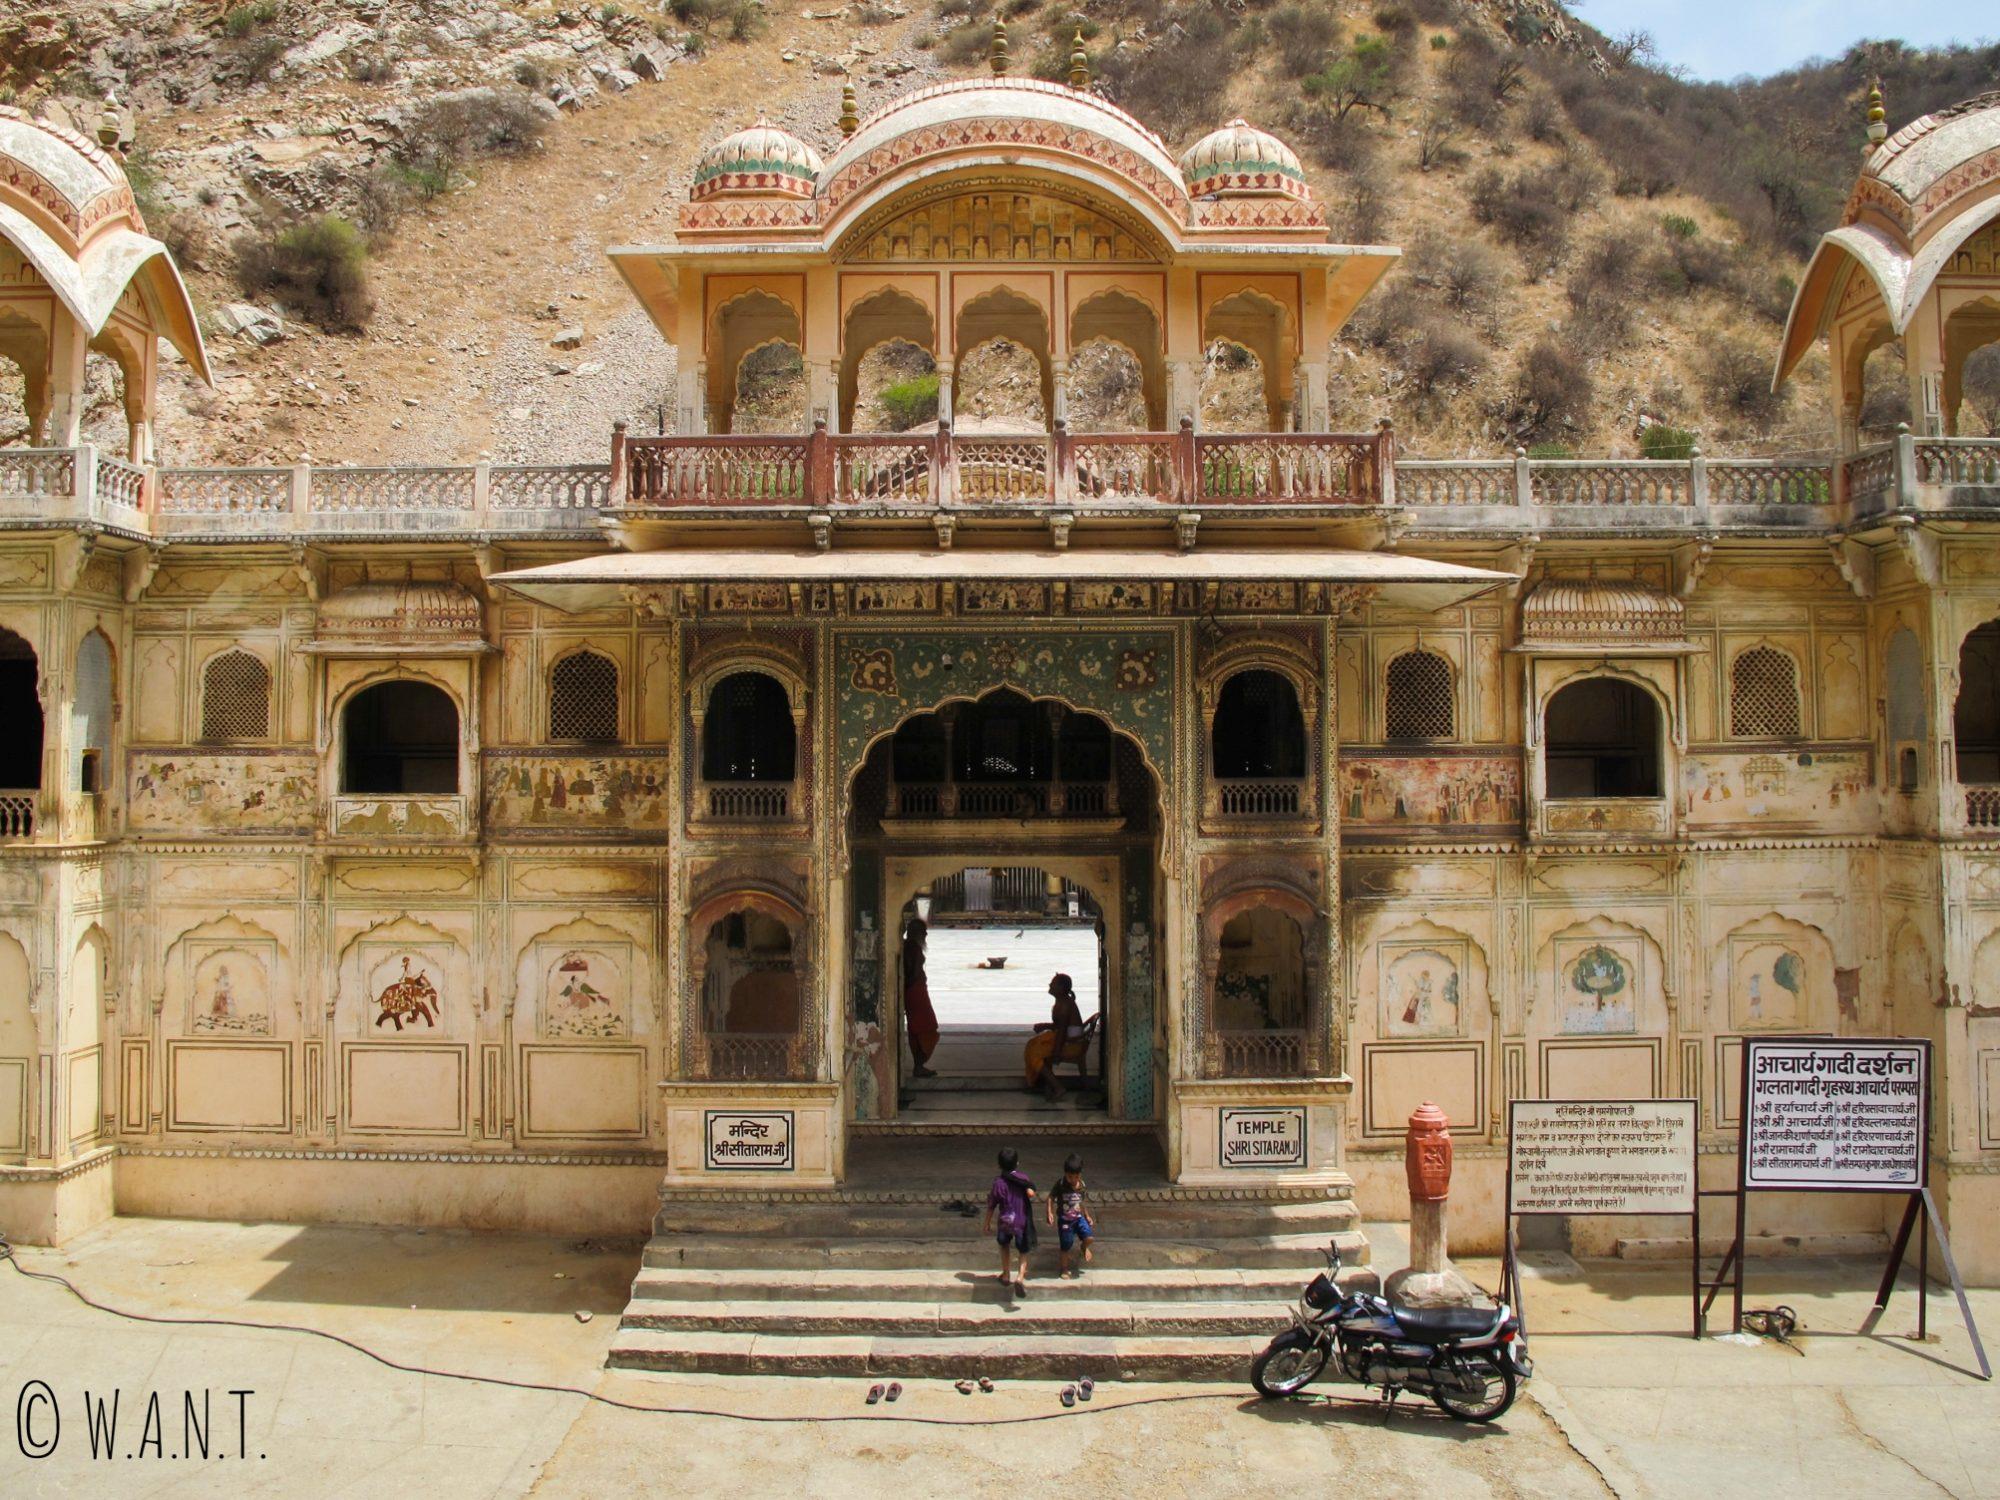 Un des temples du Monkey temple également appelé temple Galta Ji à Jaipur